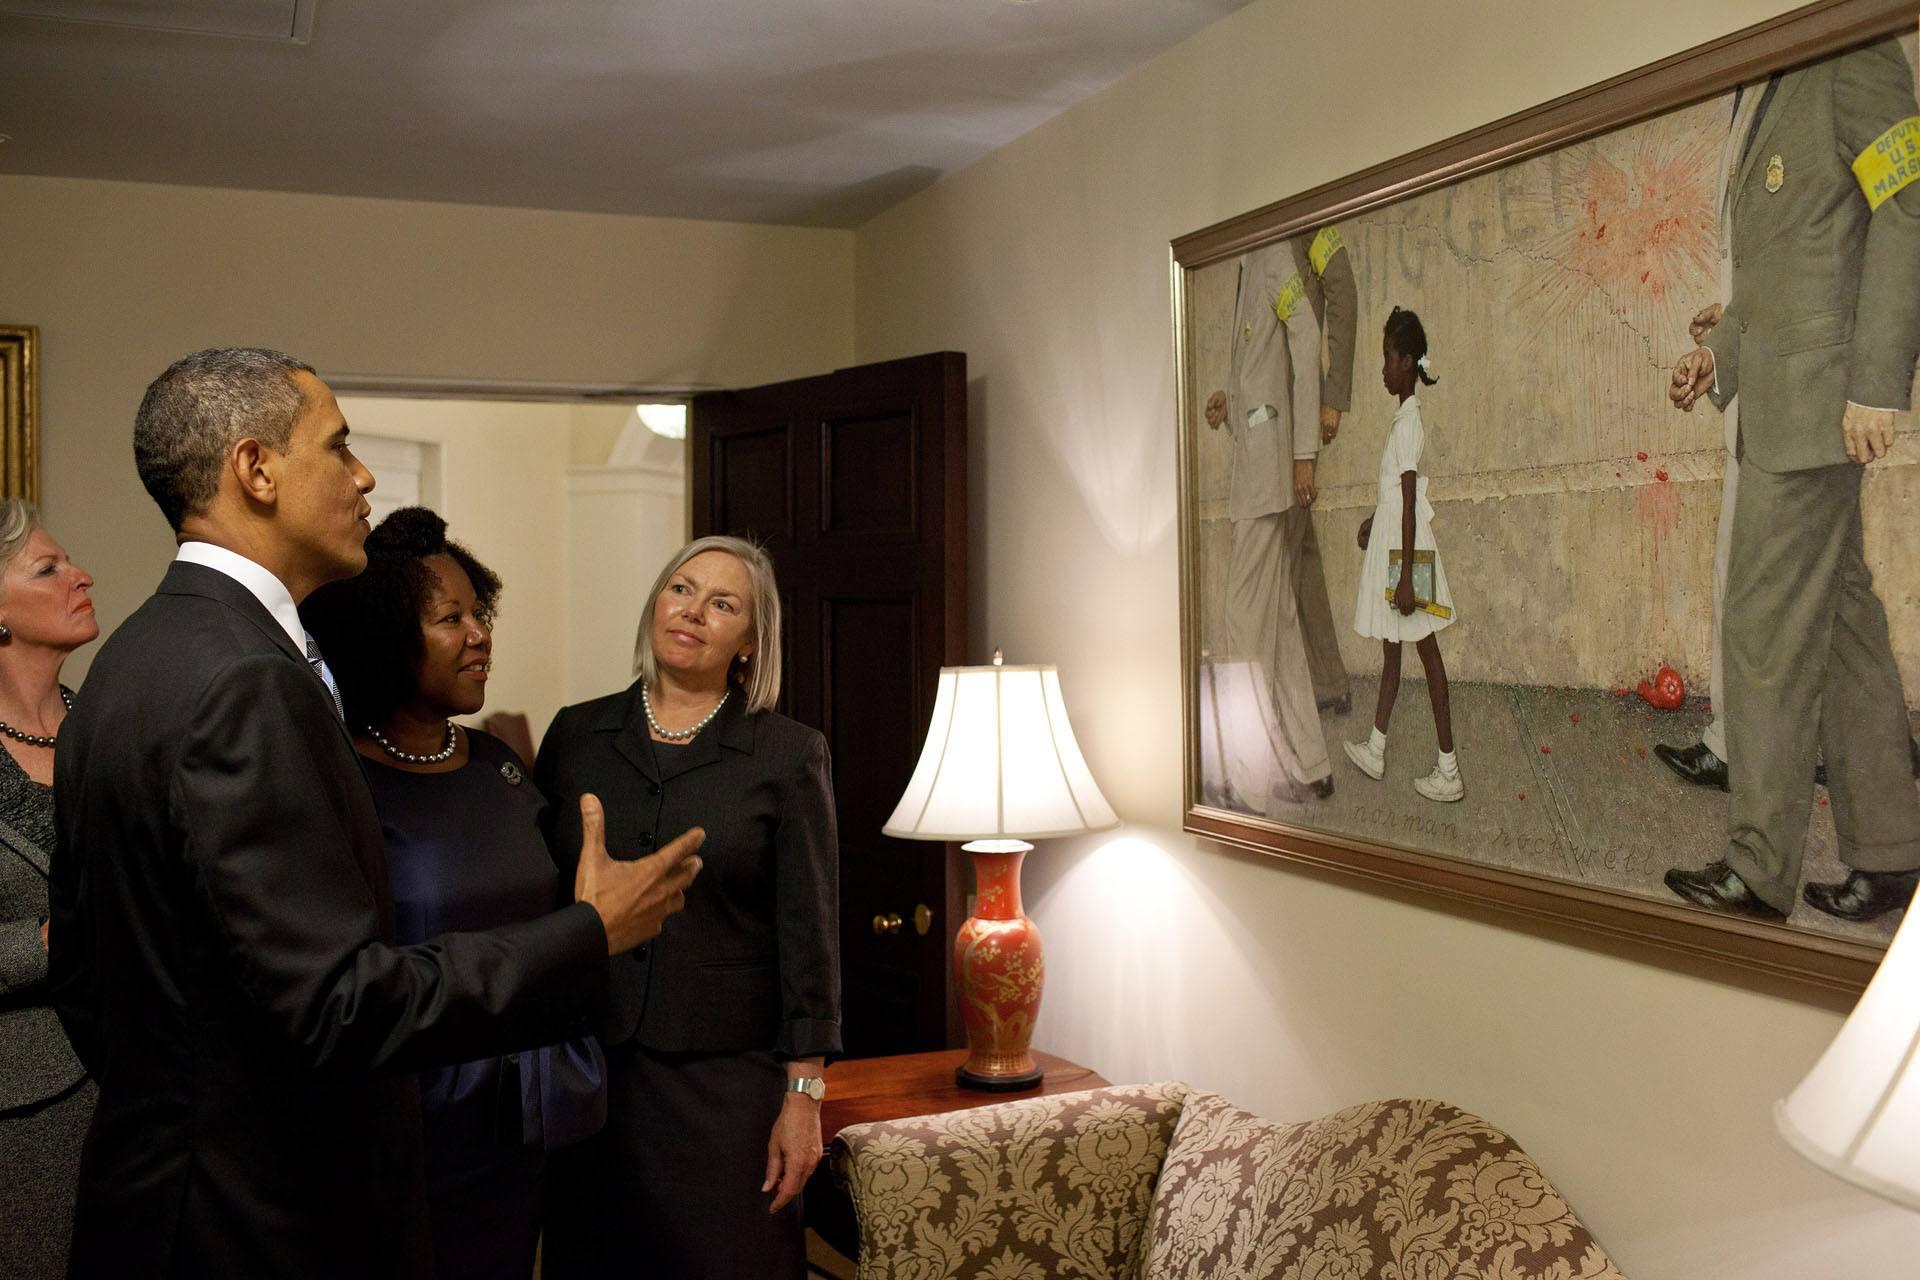 Obama contemporary art